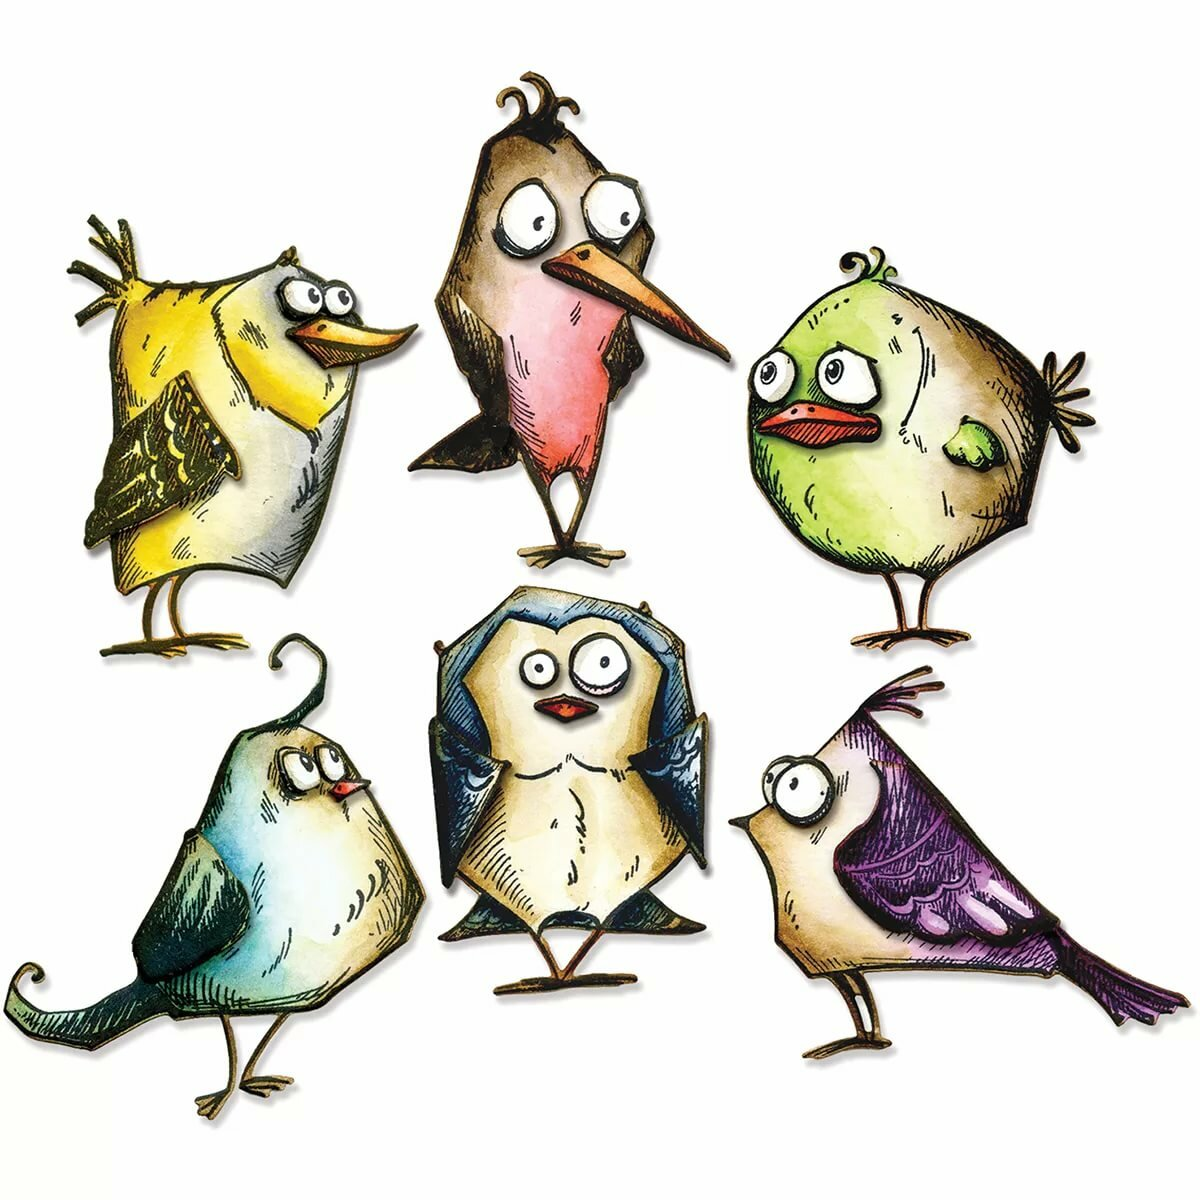 Рисунок смешные птички, ожидании встречи любимым